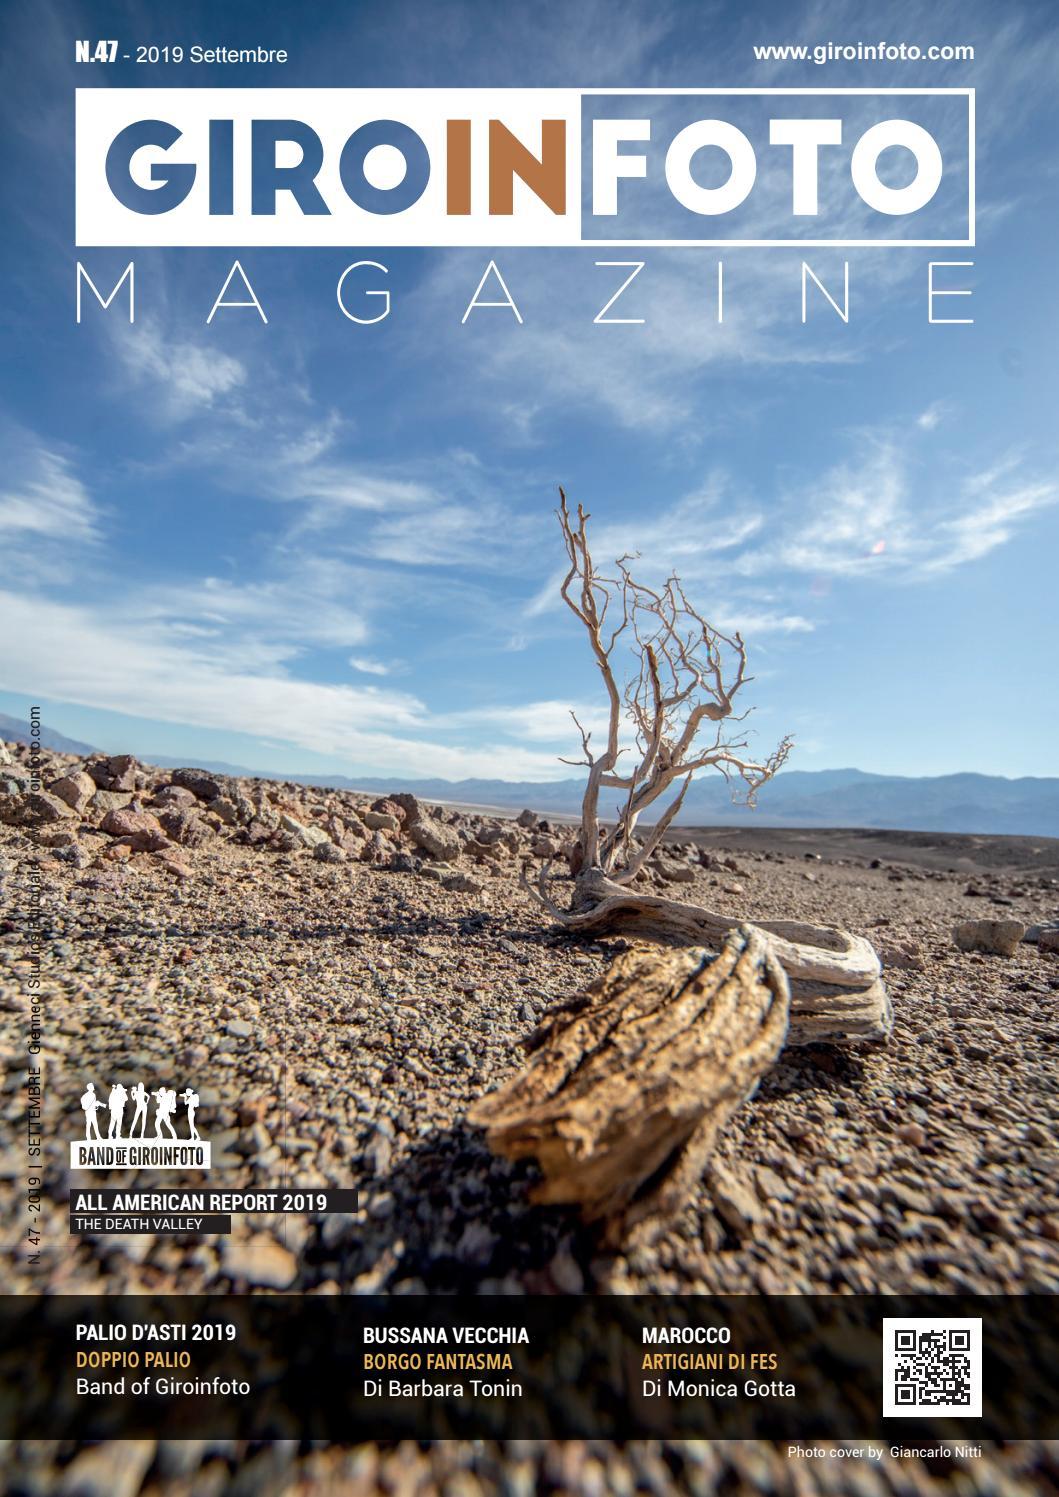 Giroinfoto Magazine 47 By Giroinfoto Magazine Issuu